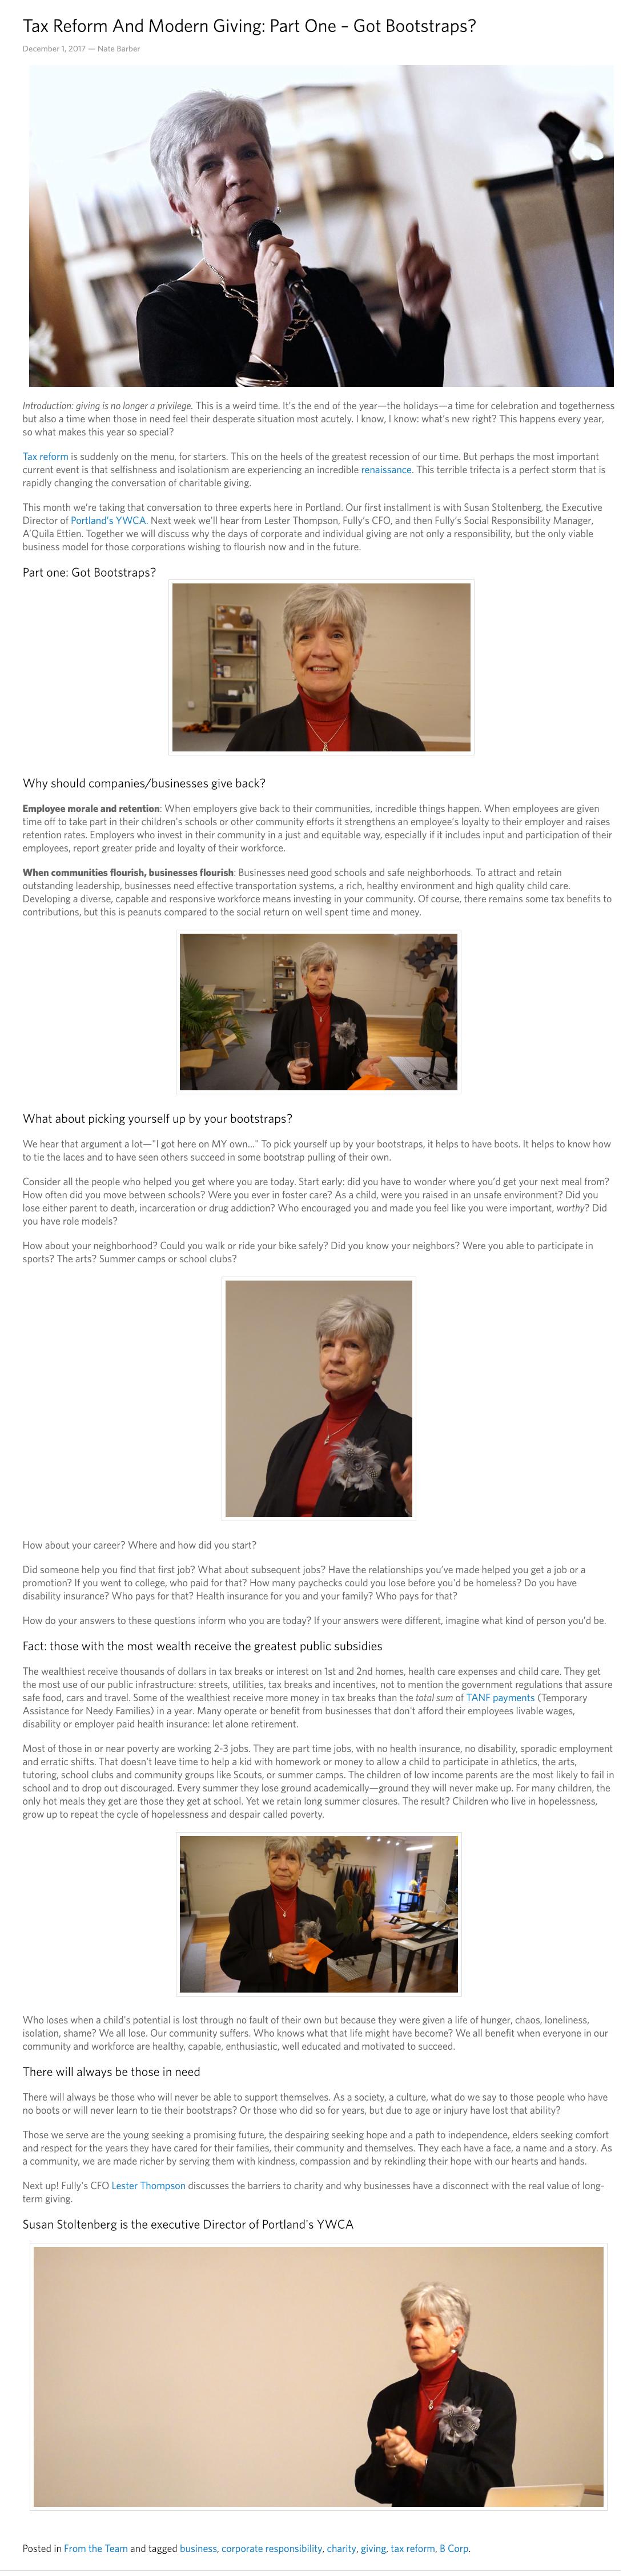 screencapture-fully-blog-giving-susan-stoltenberg-2019-02-05-22_16_58.png